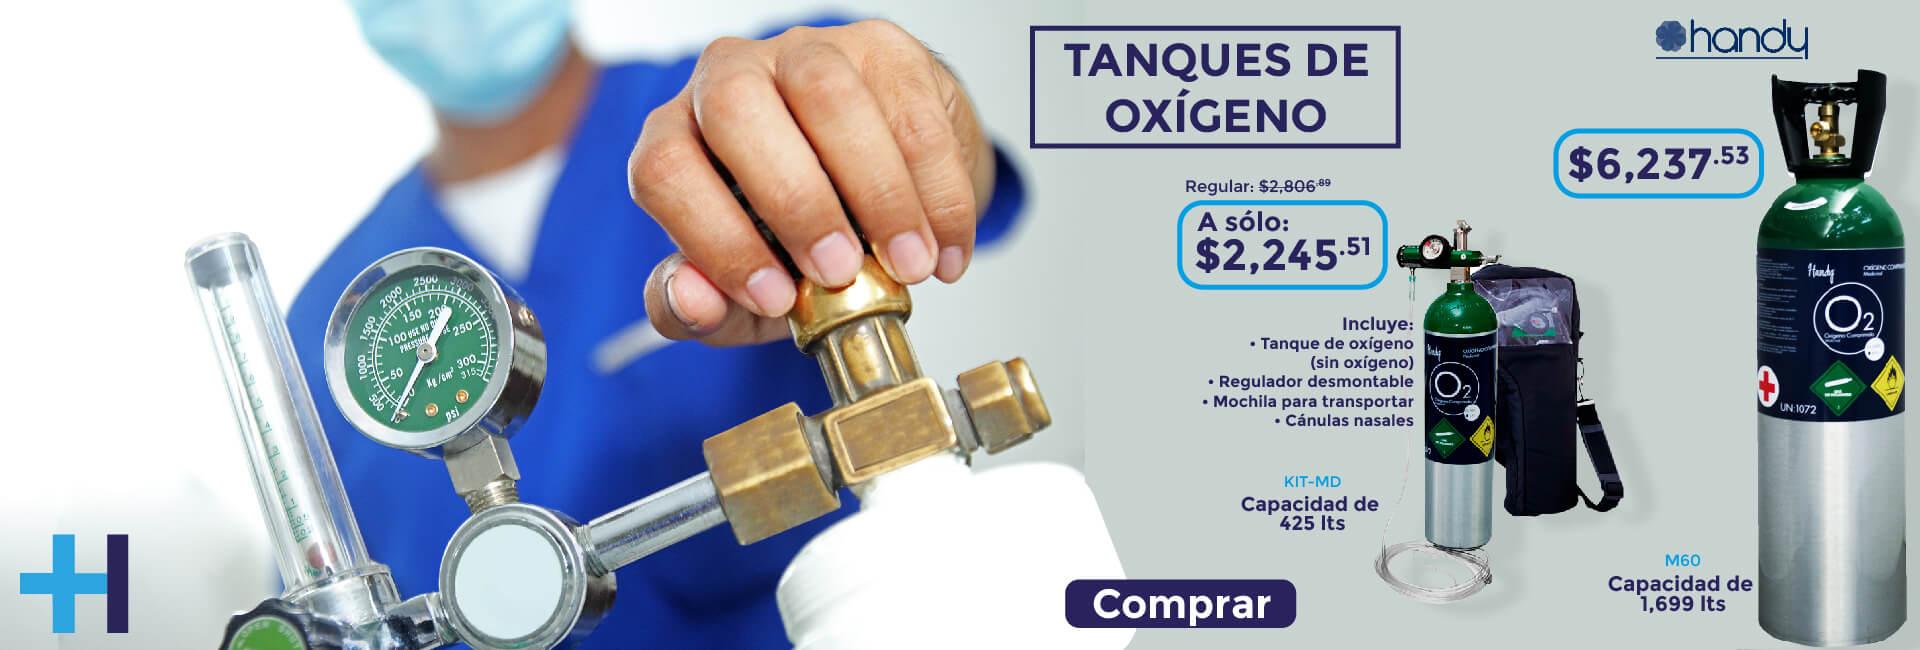 Tanques de oxígeno con descuento (sin oxígeno)